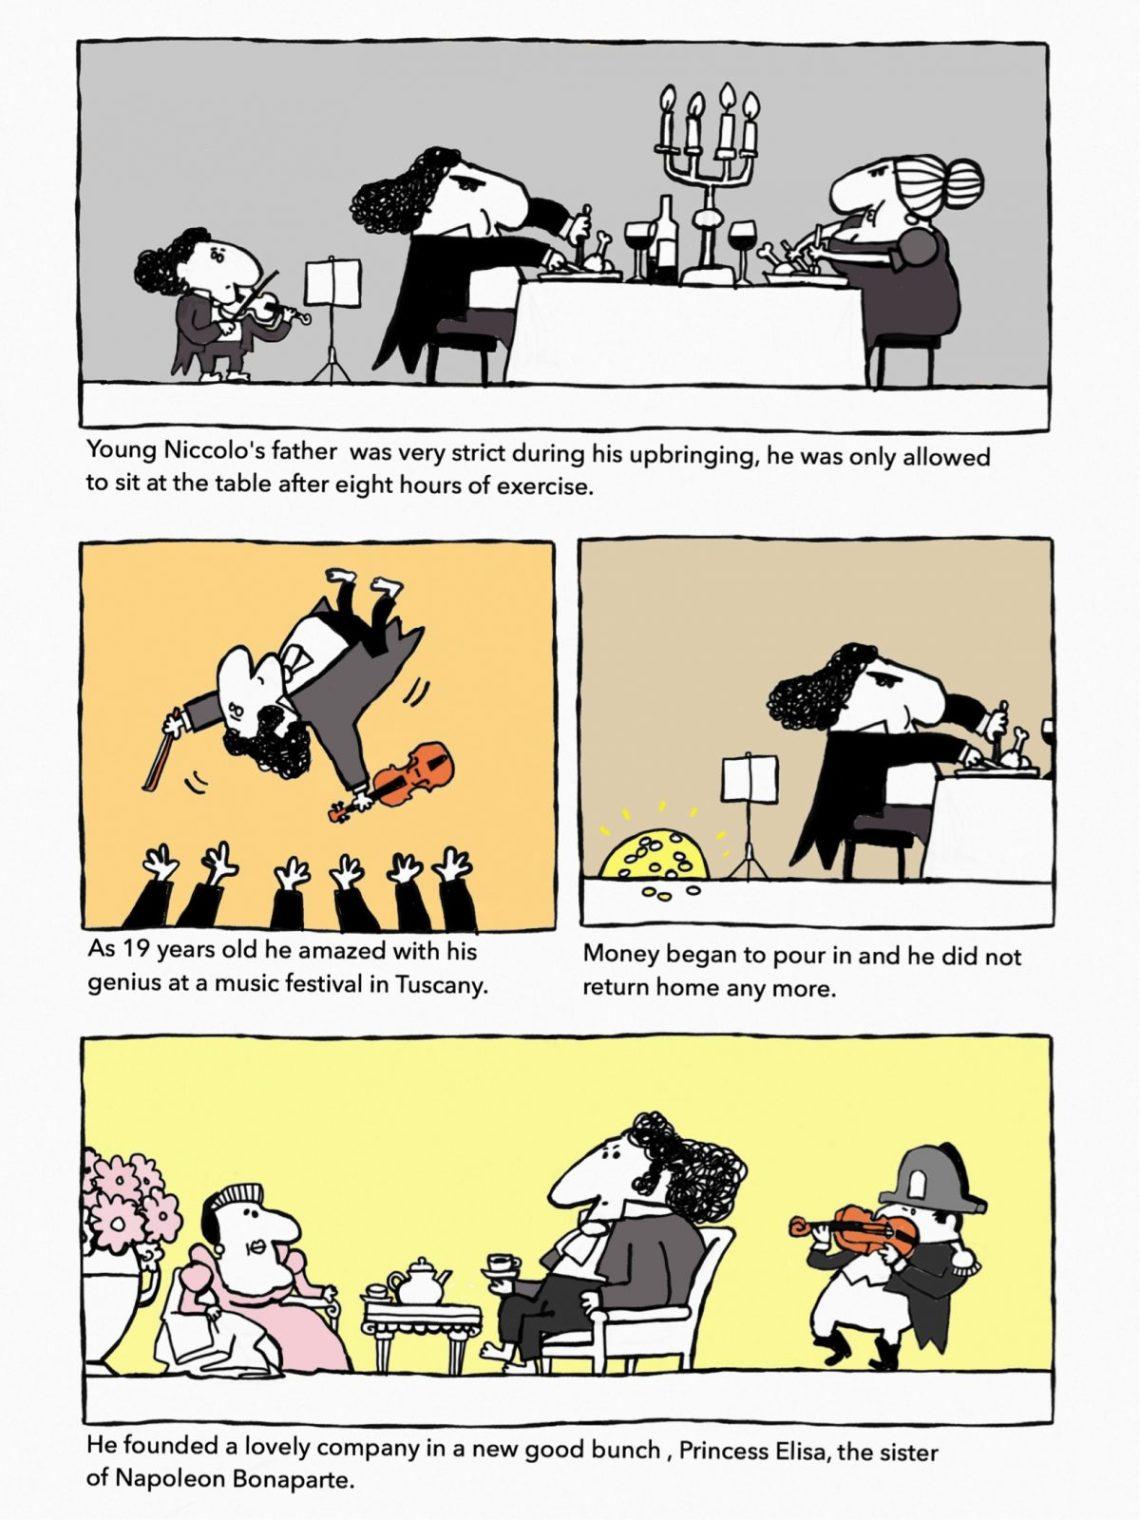 Paganini_muzic_history_comics_story_italy